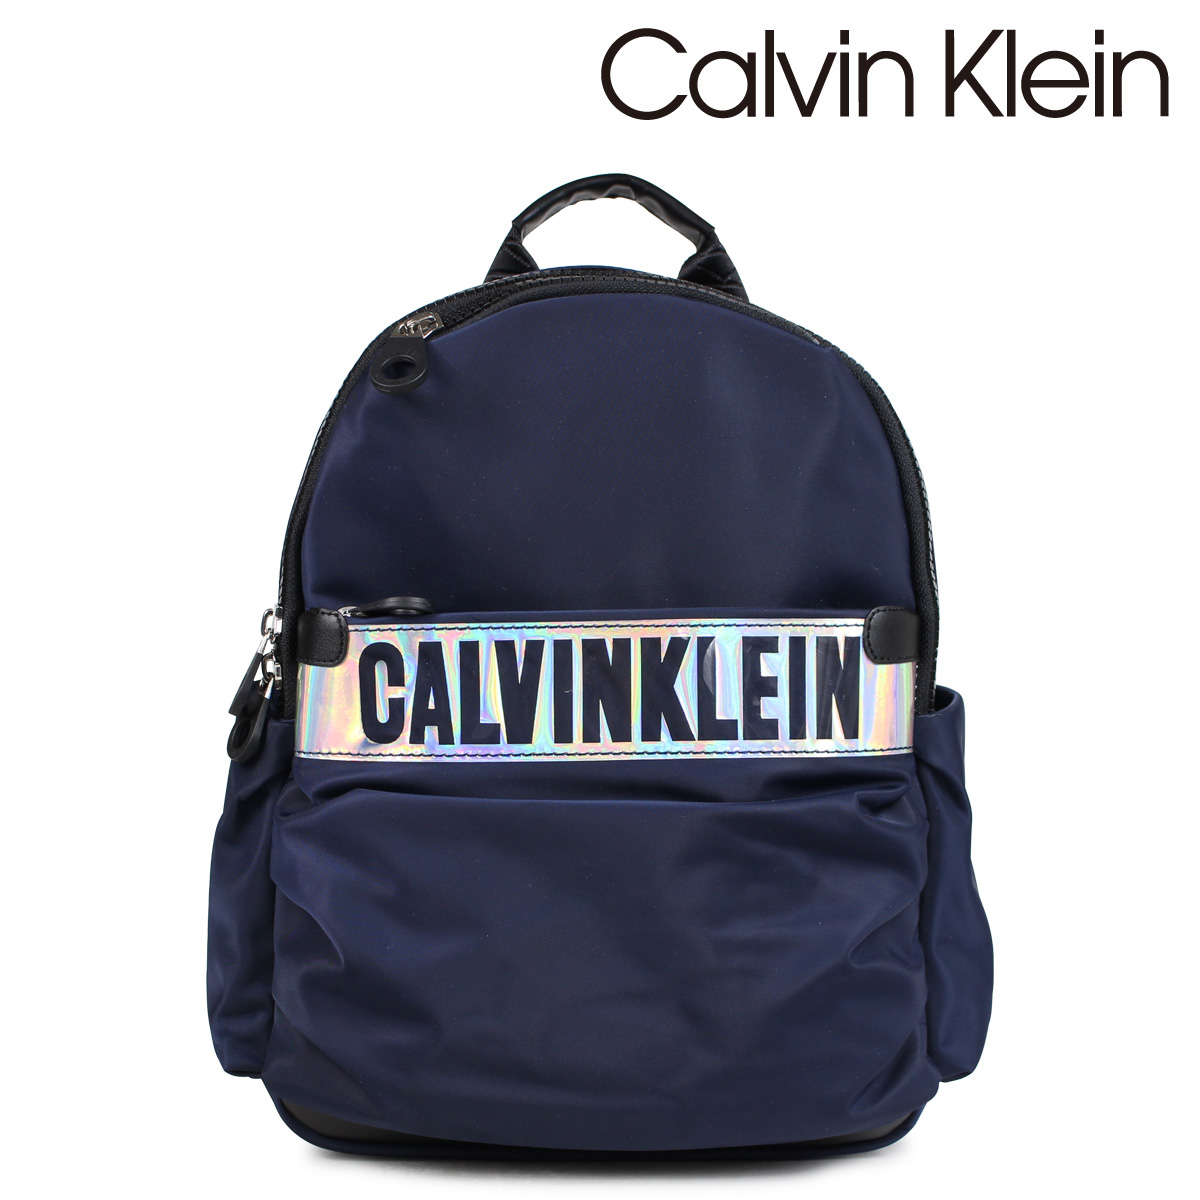 2019春大特価セール! カルバンクライン Calvin Klein Klein バッグ バッグパック メンズ リュック バッグパック ATHLEISURE LARGE LARGE BACKPACK ネイビー H8AKE7YF, 芝生のことならバロネスダイレクト:af0eb775 --- canoncity.azurewebsites.net